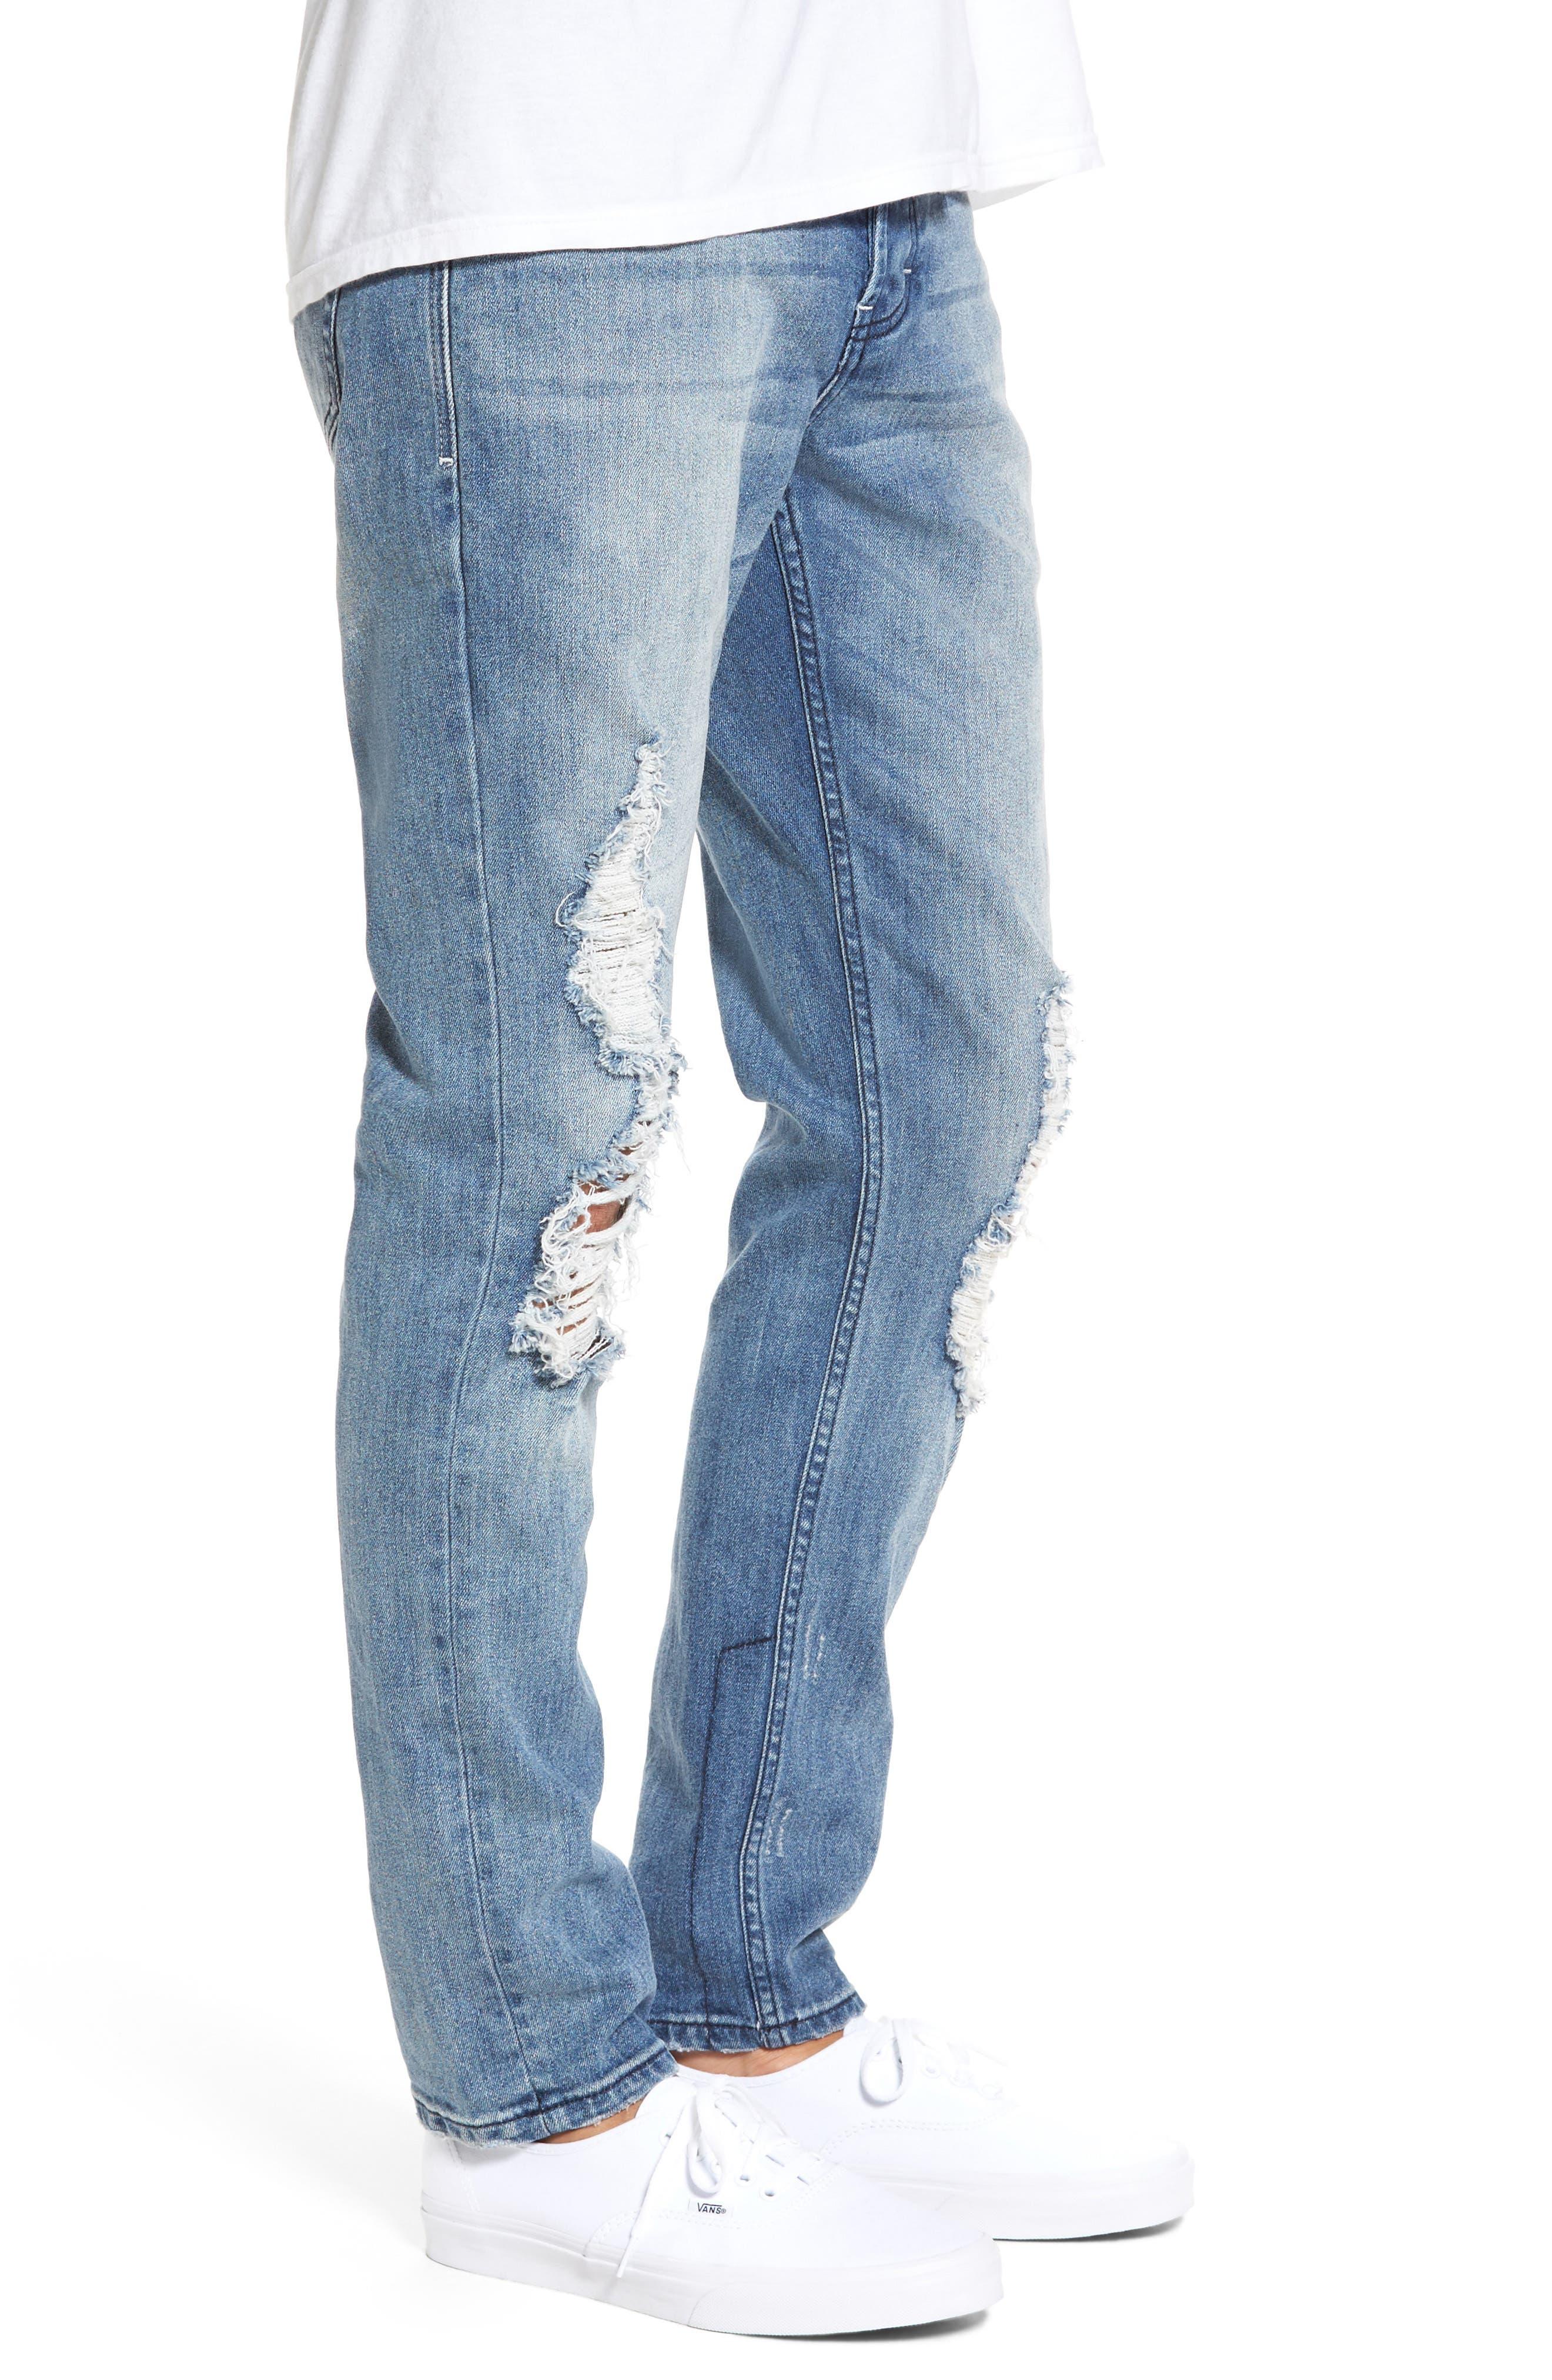 B.Line Slim Fit Jeans,                             Alternate thumbnail 3, color,                             Blow Out Stonewash